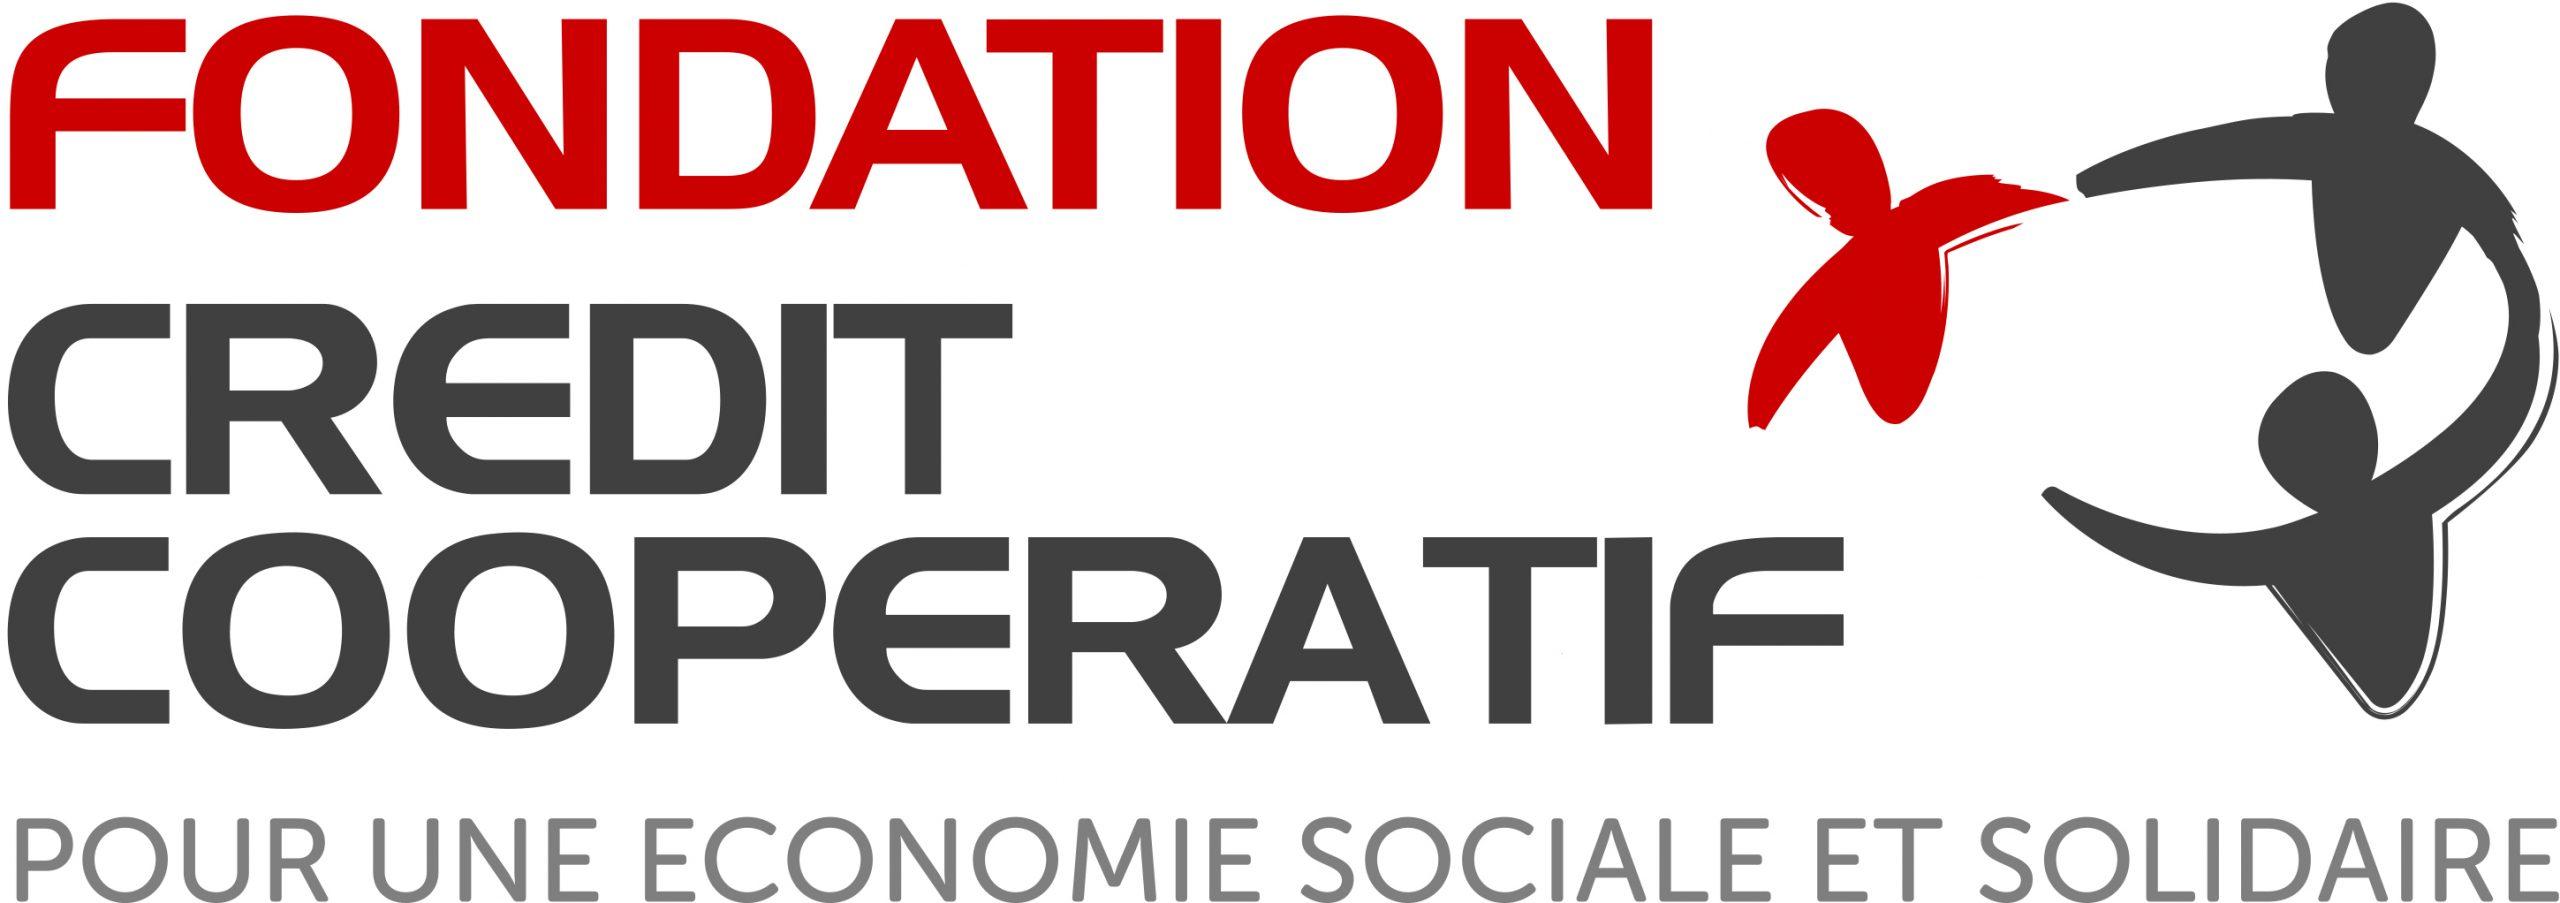 Fondation crédit coopératif